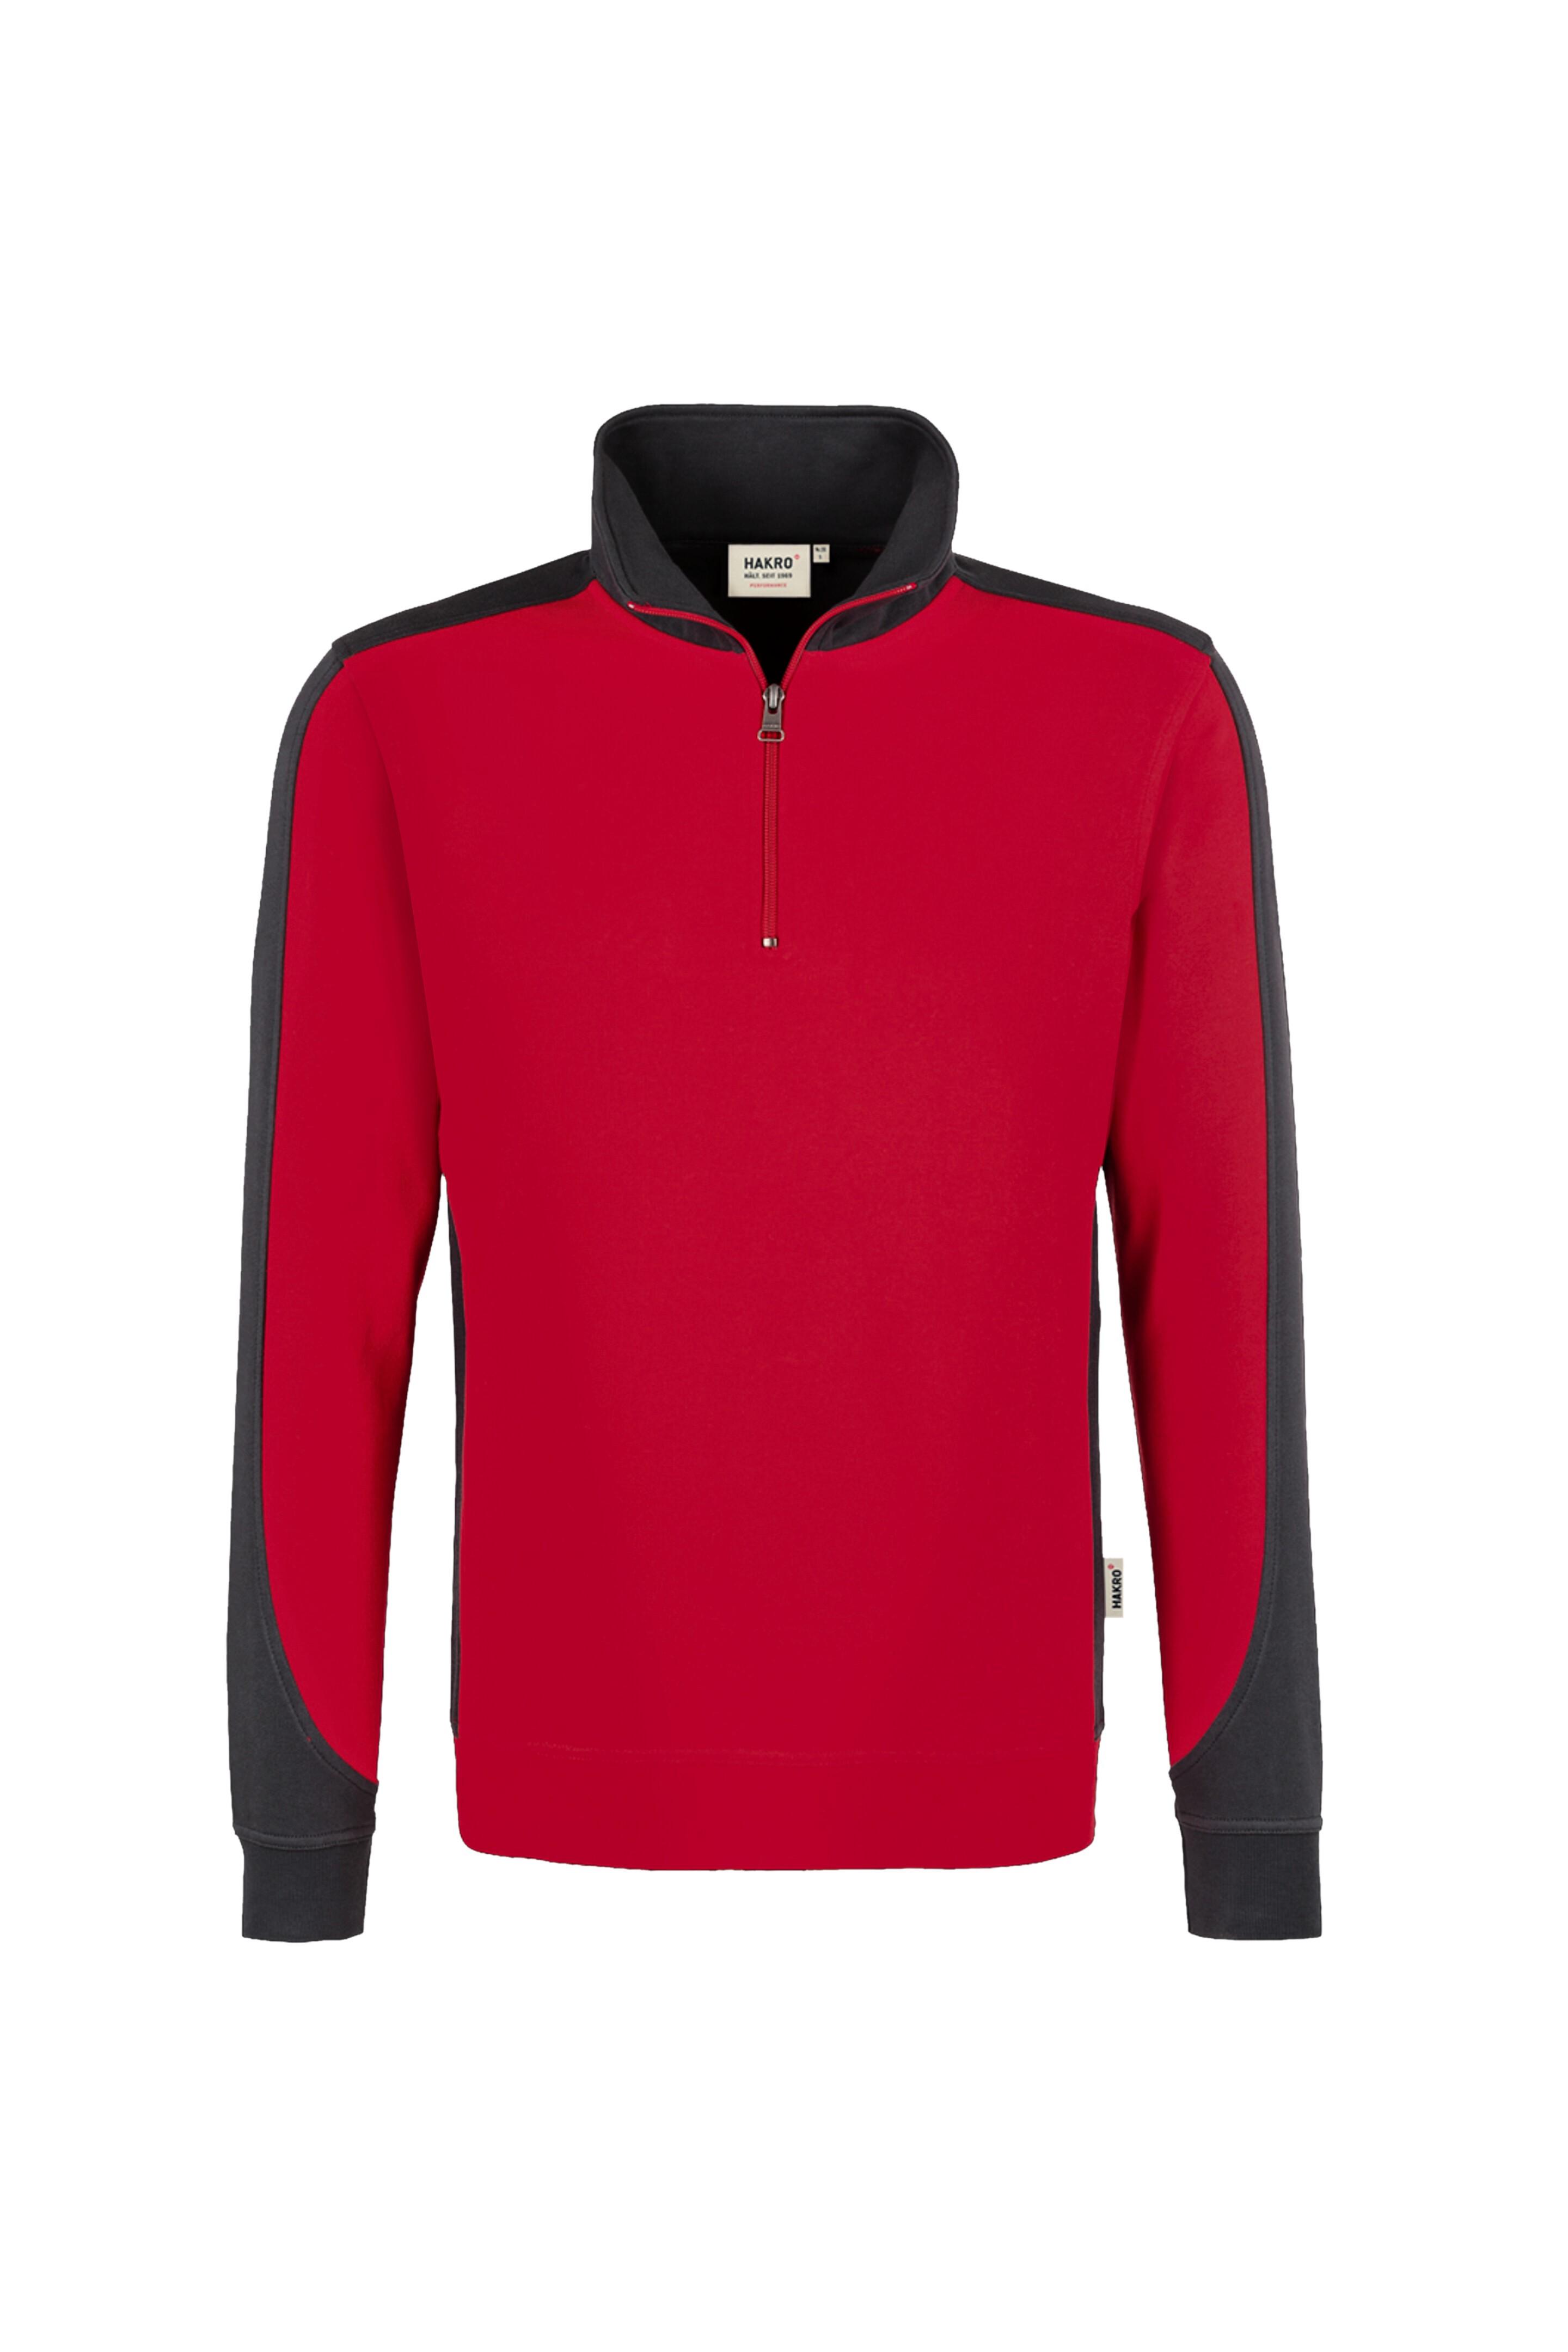 HAKRO Zip-Sweatshirt Contrast Mikralinar® No. 476